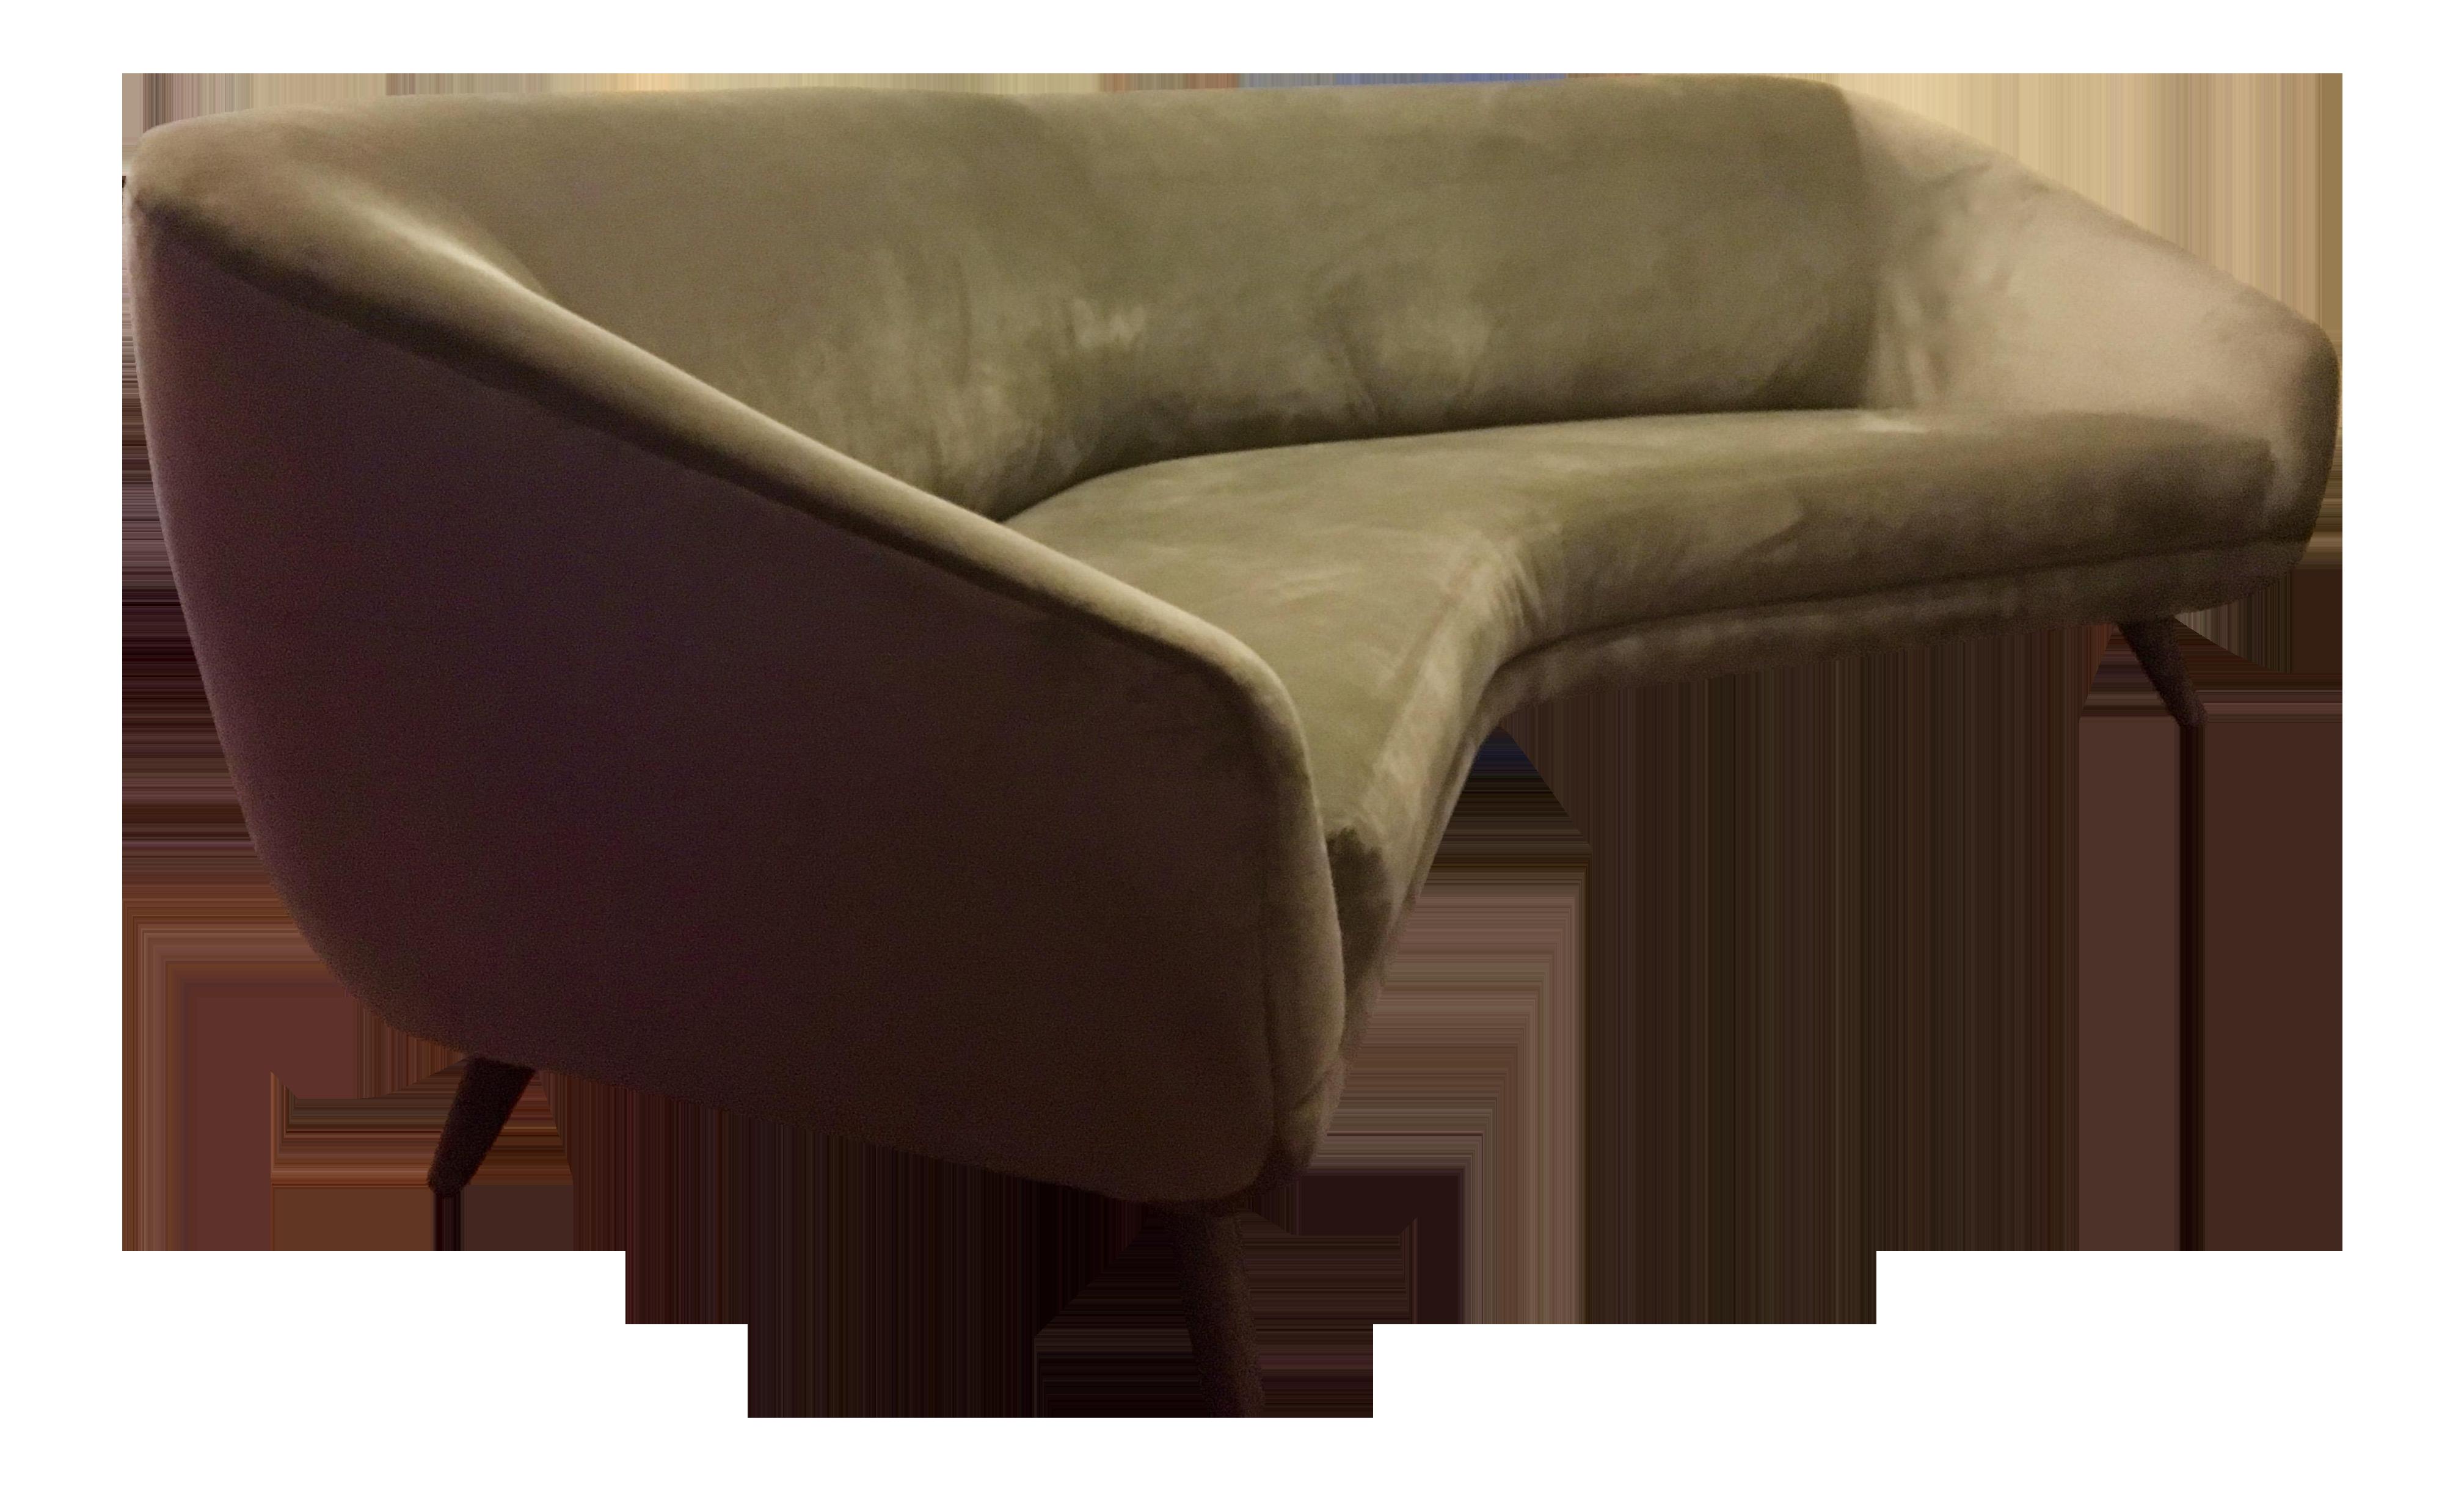 Vladimir Kagan for Weiman Angled Sofa